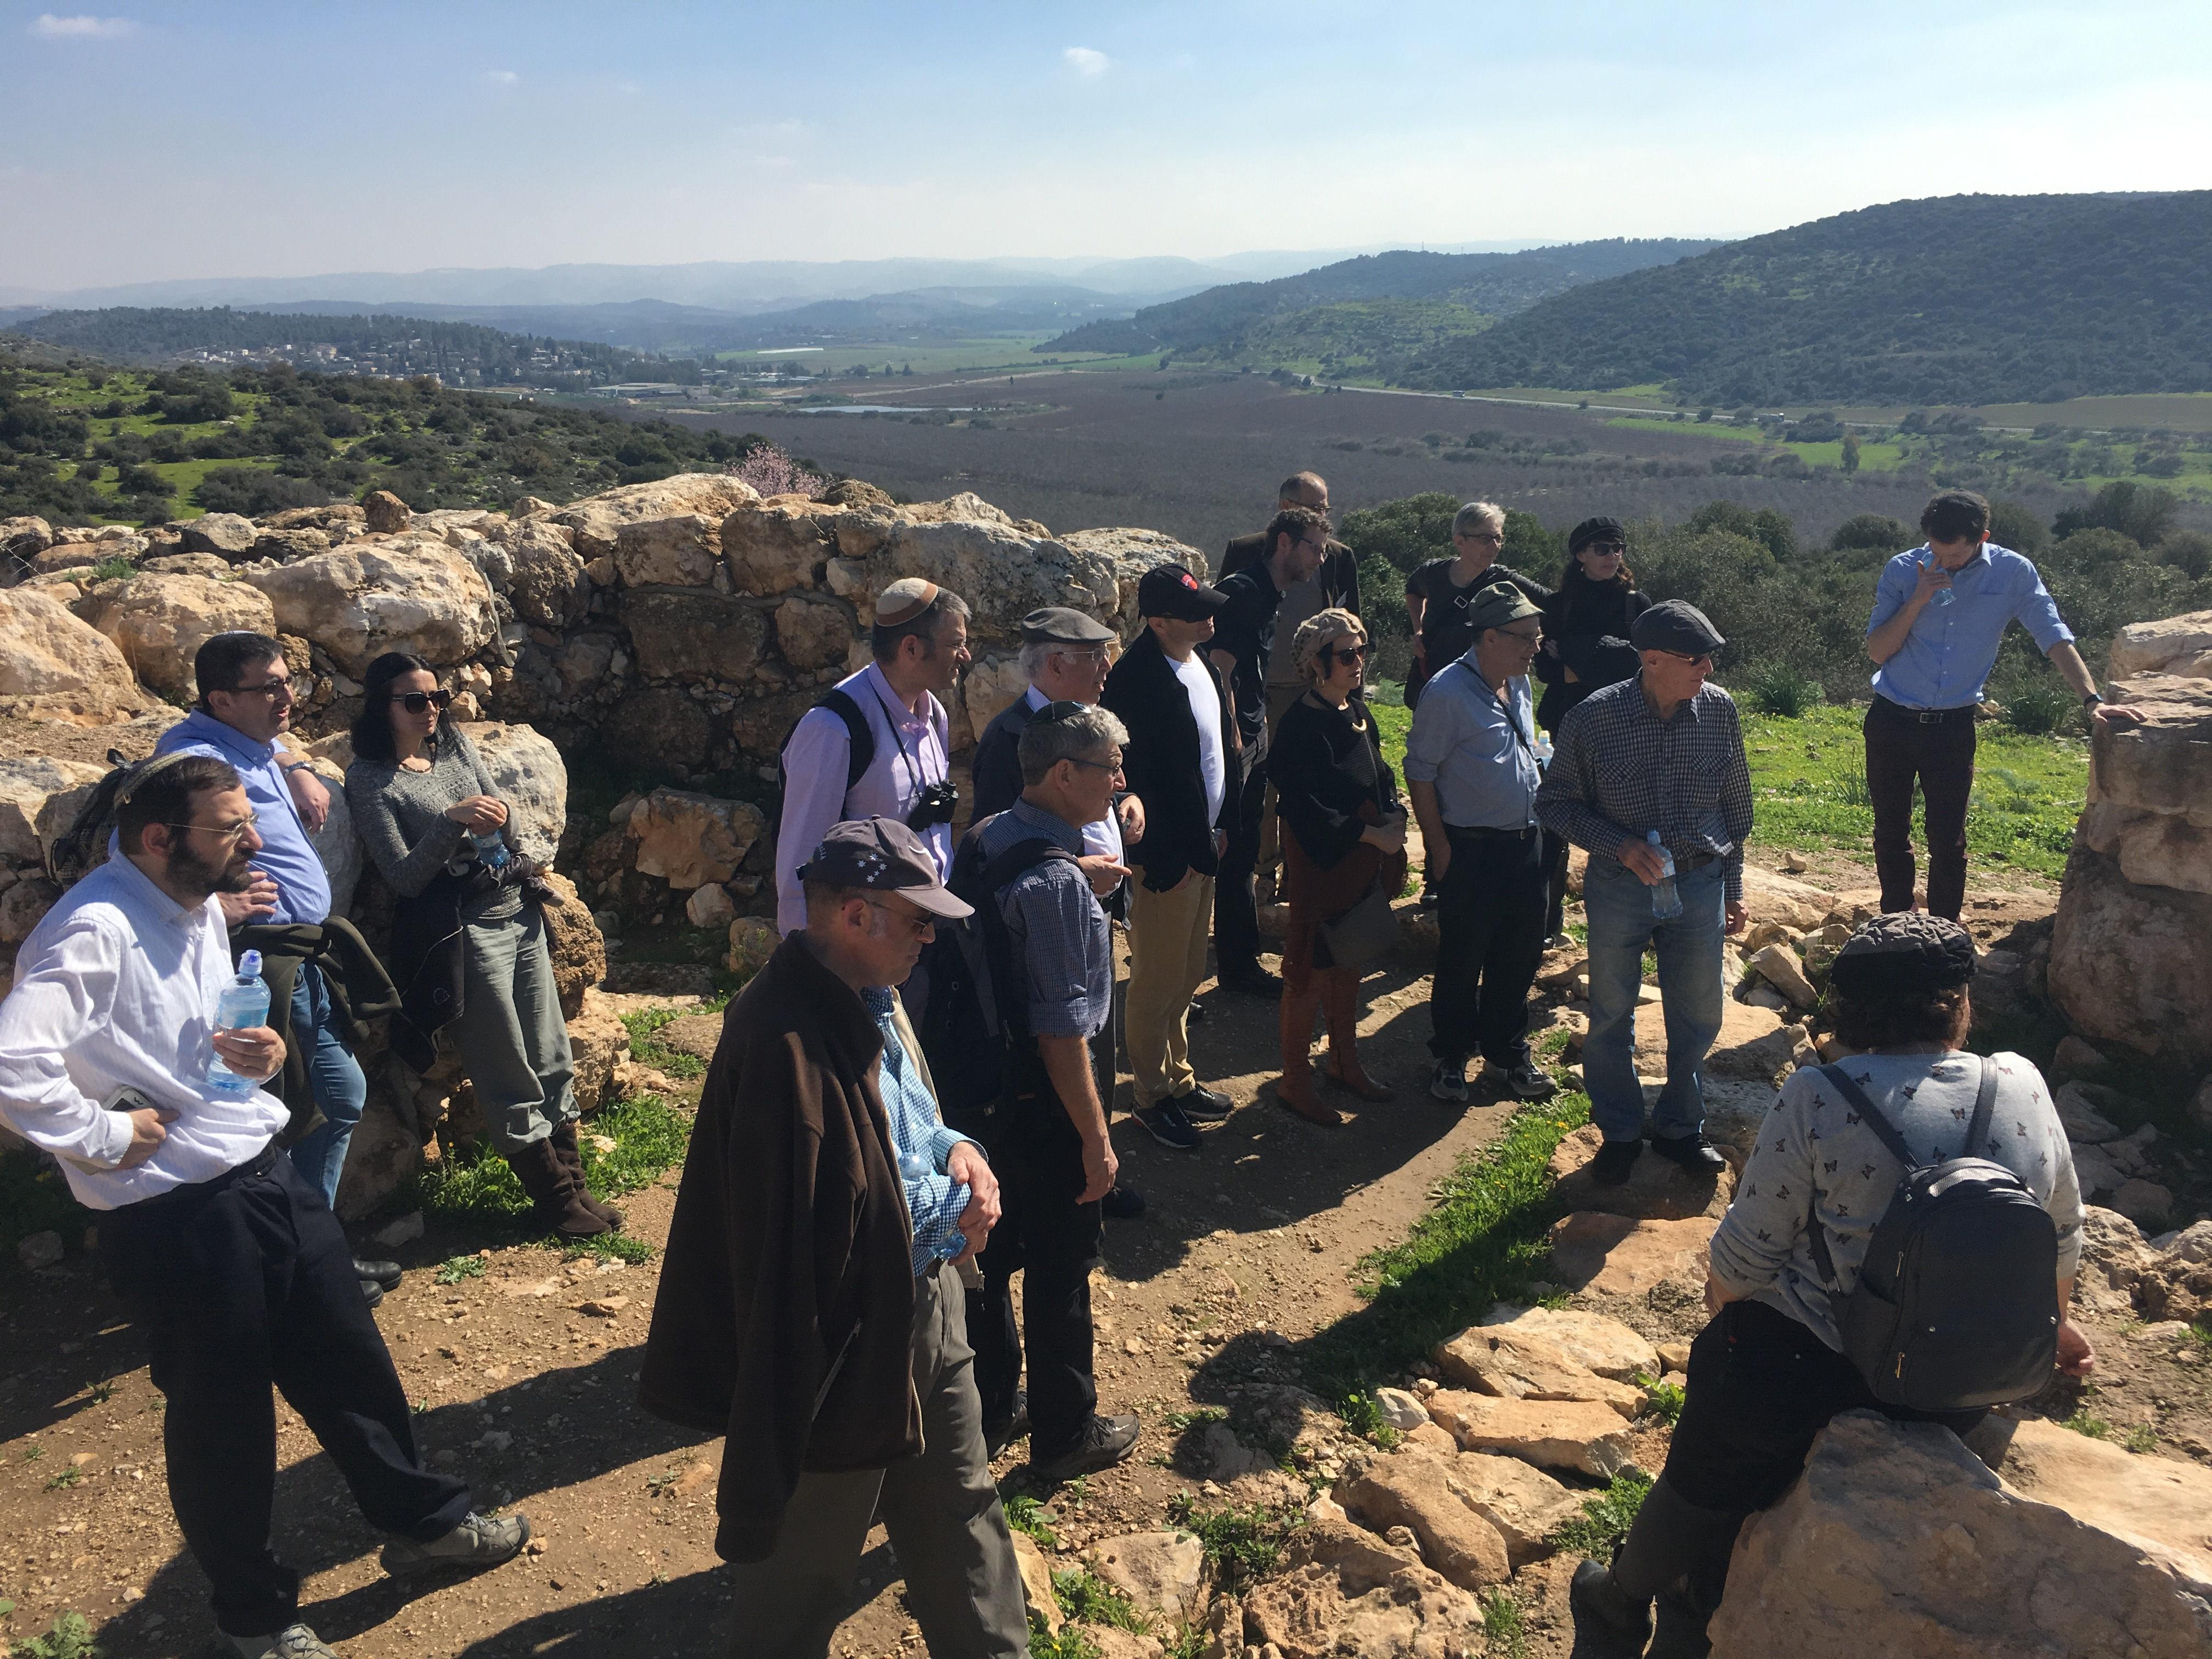 סיור בח'רבת קיאפה בהדרכת יוסף גרפינקל